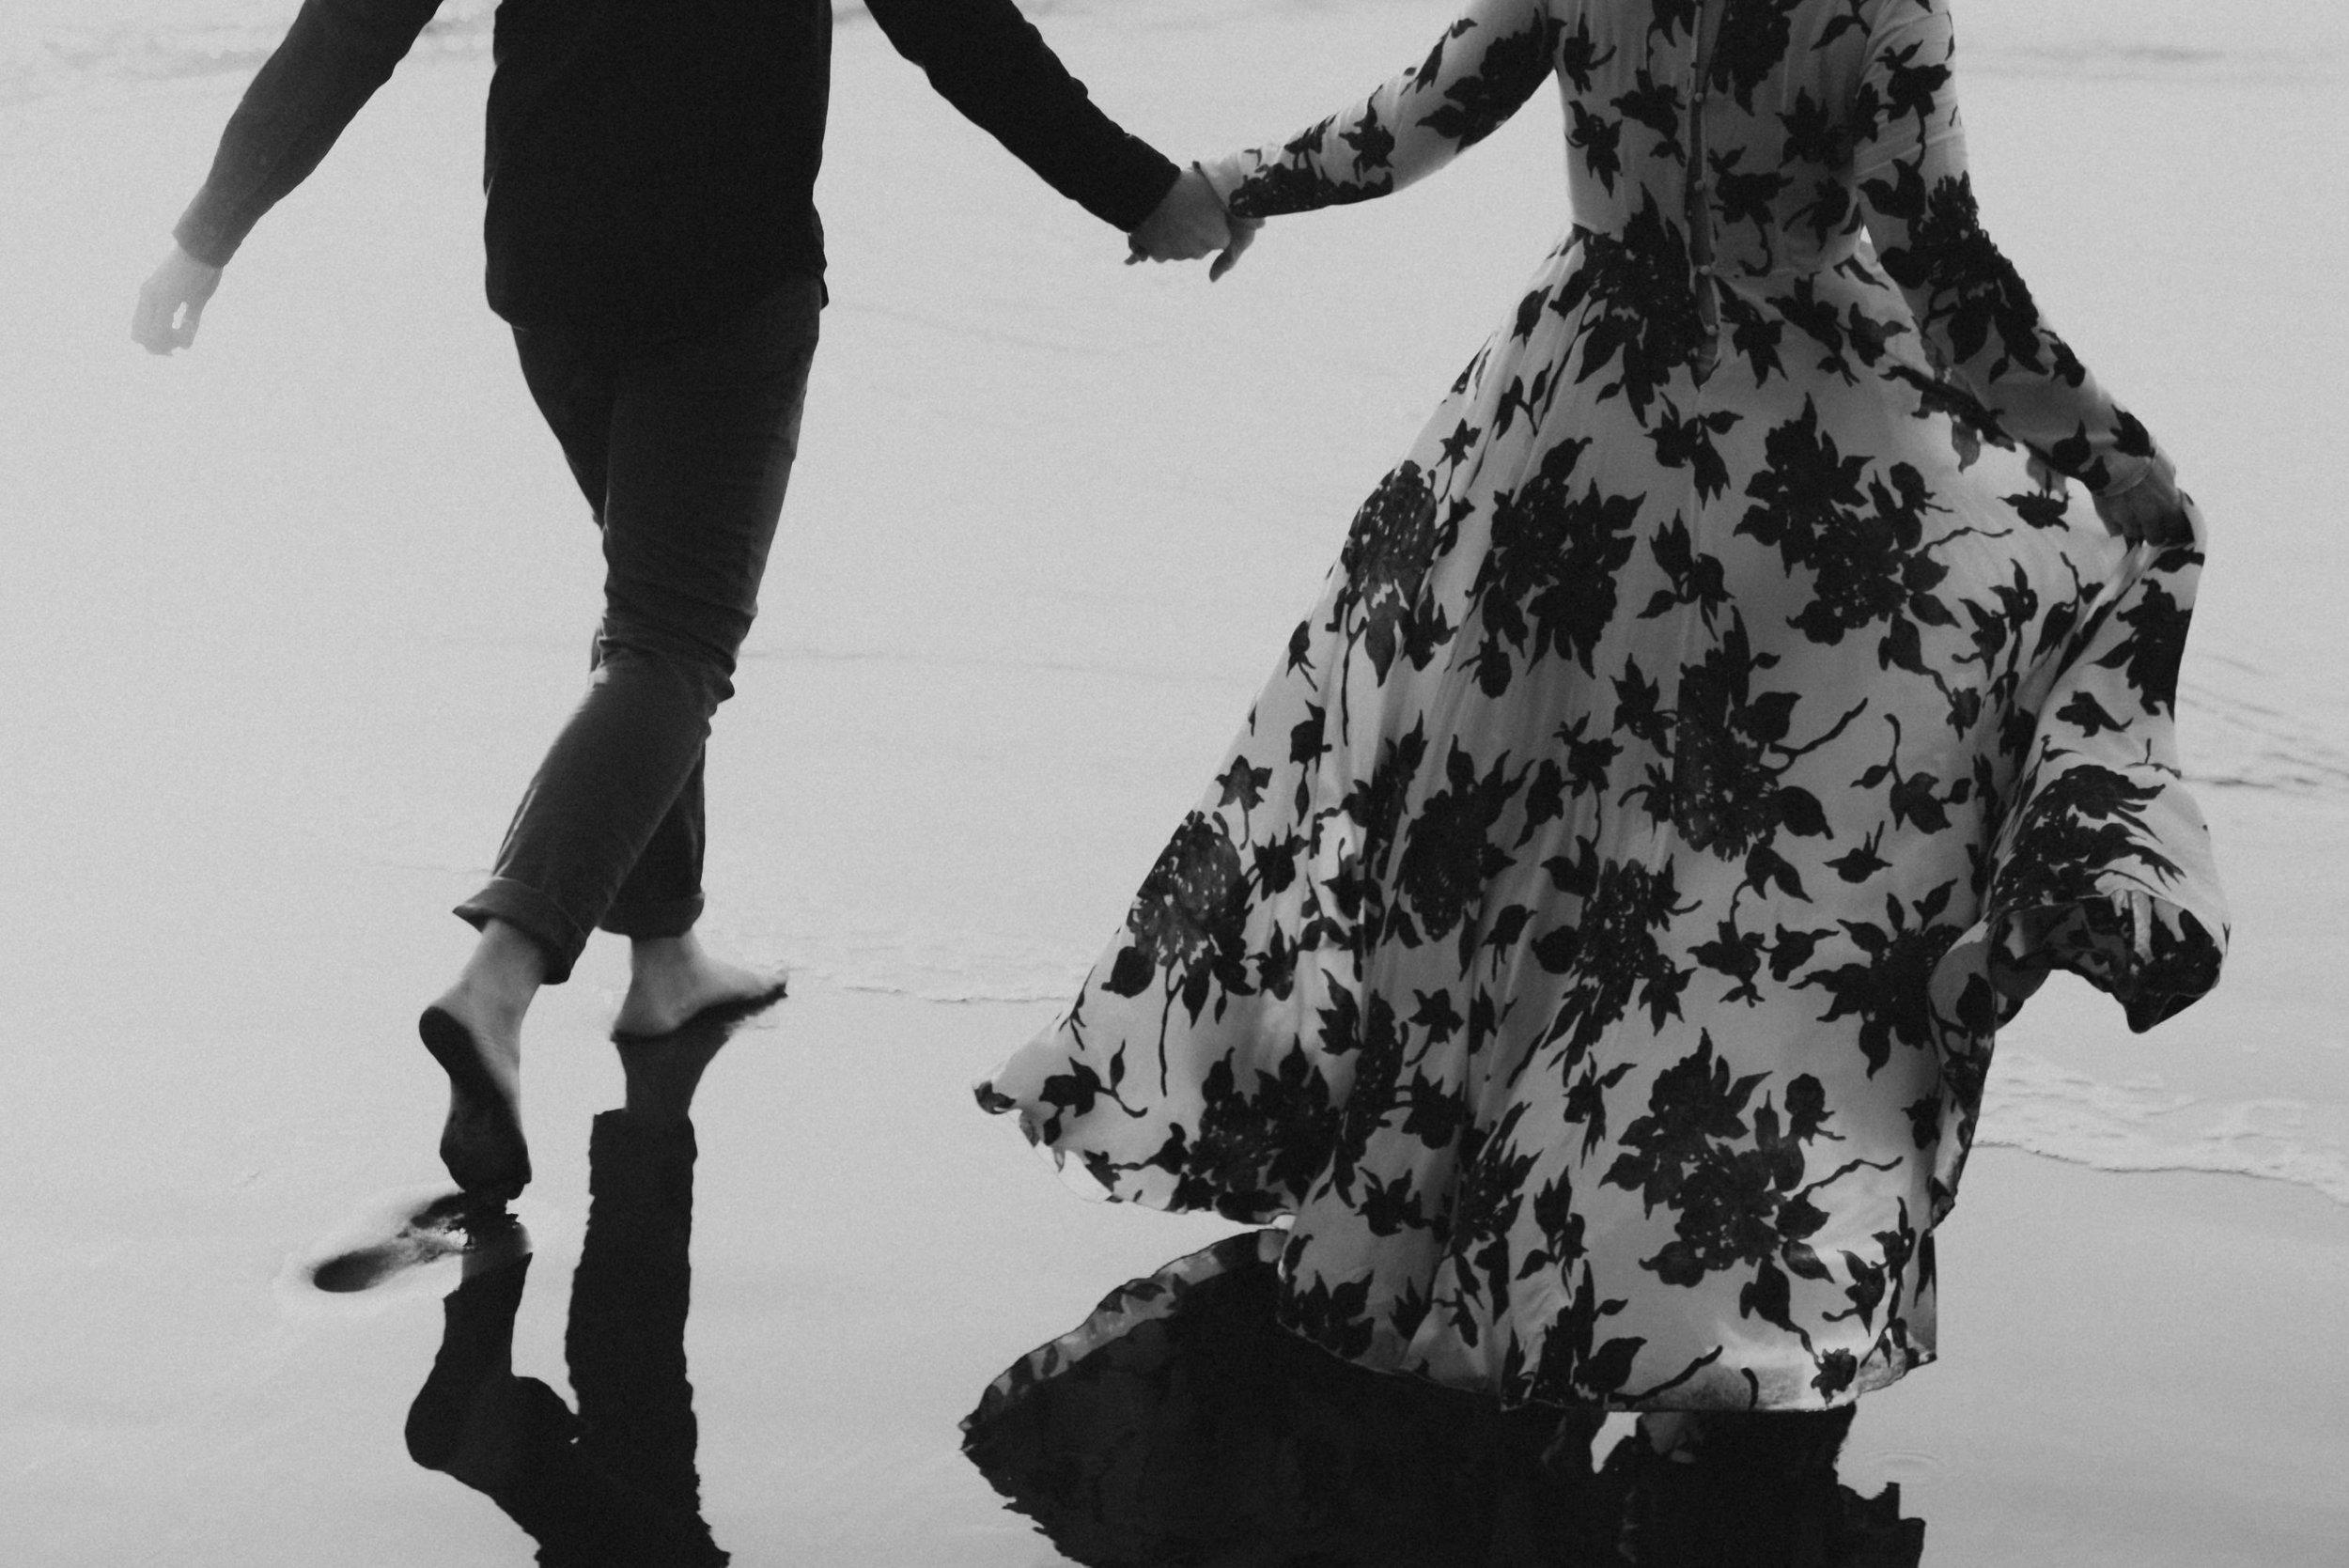 Ashley + Peter - Kamra Fuller Photography - Olympia Wa Engagement Session - Ruby Beach Engagement Session - Seattle Wedding Photographer - Washington Wedding Photographer - Port Angeles Wedding Photographer - Snoqualmie Wedding Photographer - Seattle Engagement Photography - PNW Couple's Photography - Oregon Coast Engagement Session - Washington Coast Engagement Session - Washington Coast Wedding Photographer - West Coast Wedding Photographer - California Wedding Photographer - Portland Wedding Photographer